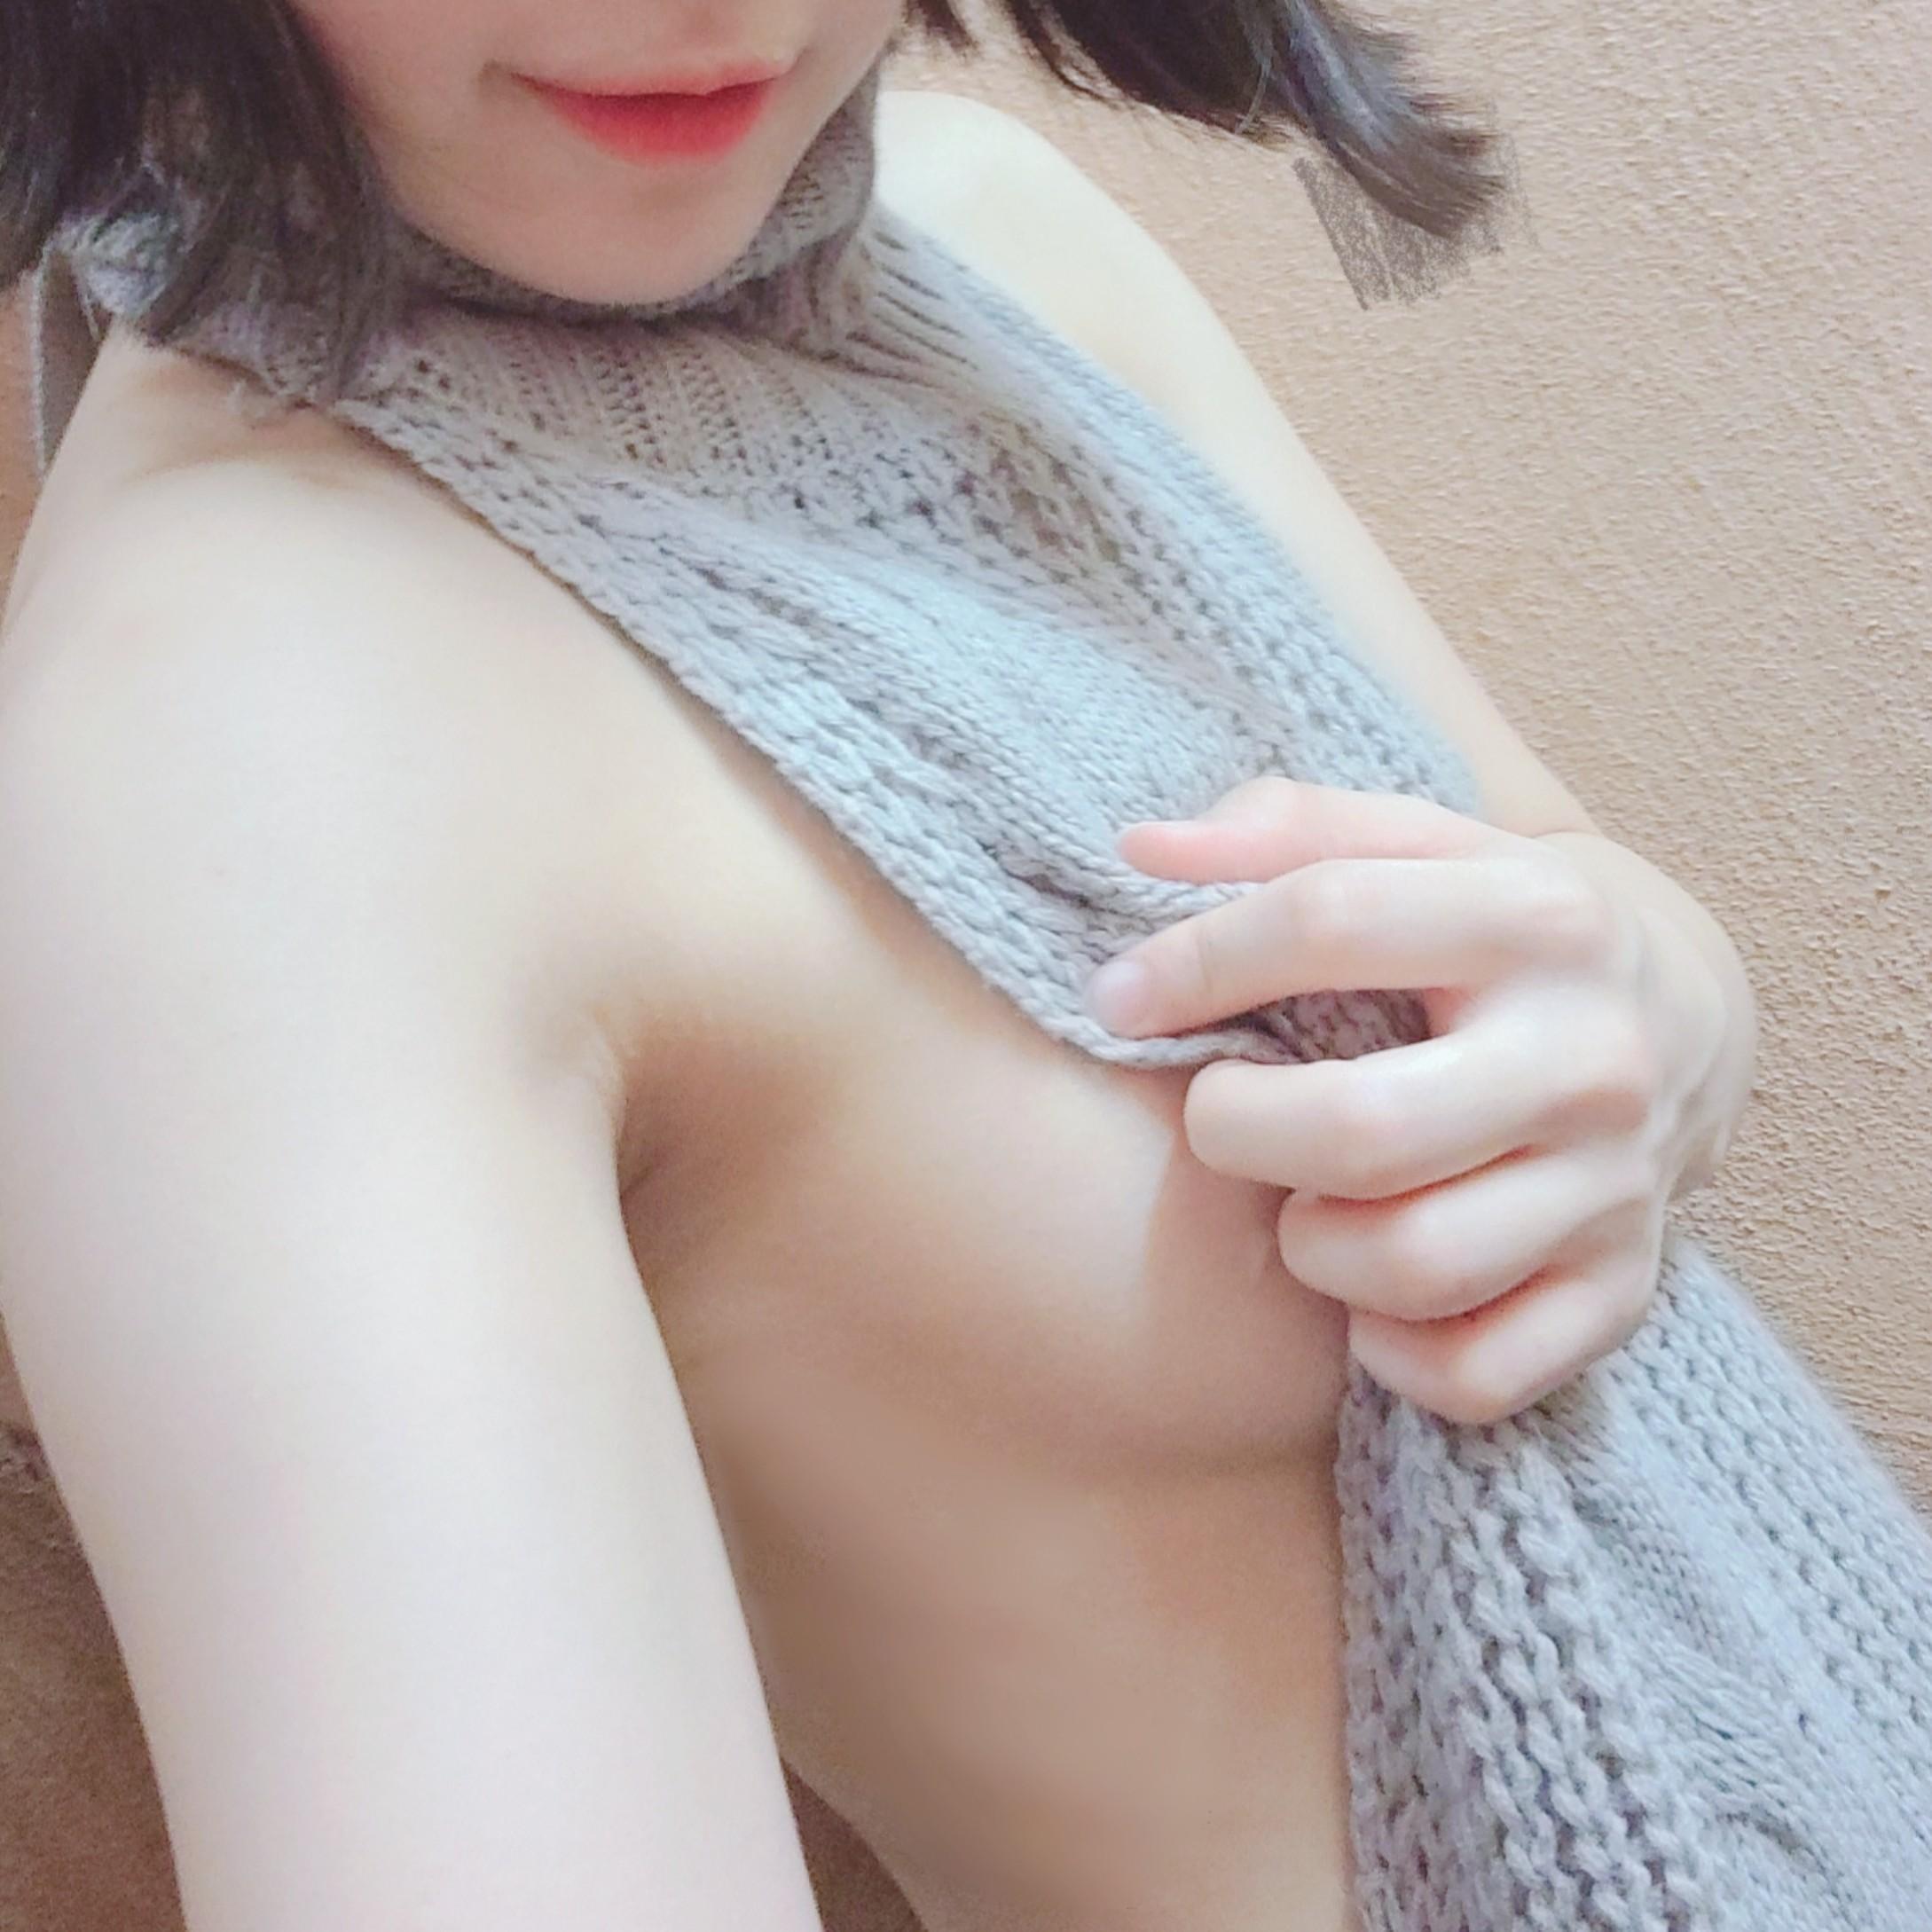 「No.65 紫☆彡王道かわいいよね!」10/06(水) 20:10 | No.65 紫の写メ